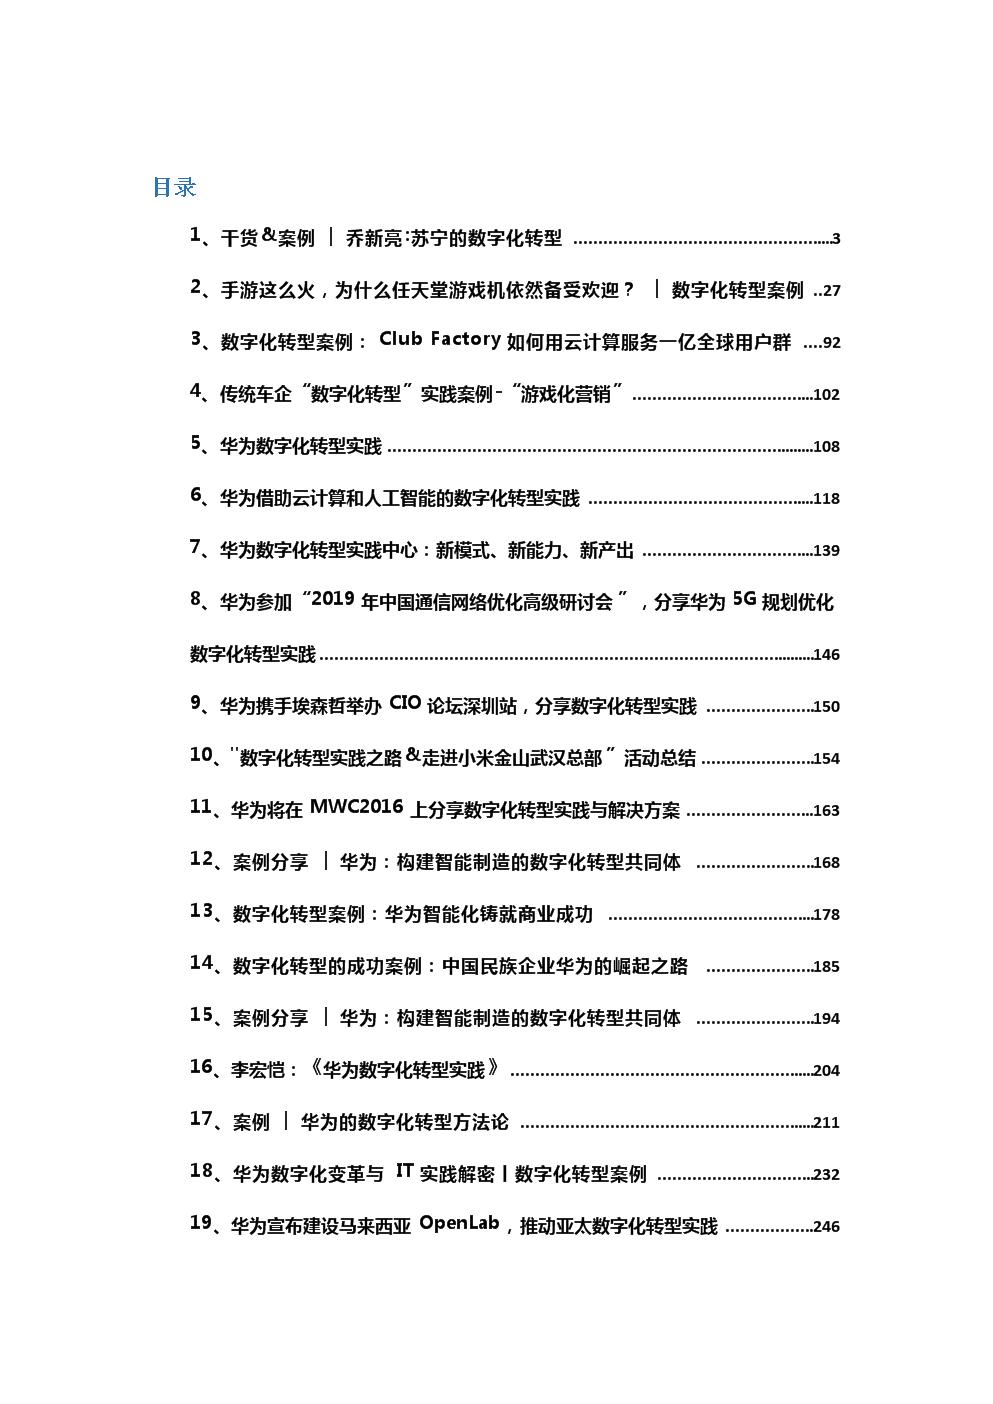 互联网行业数字化转型案例.docx